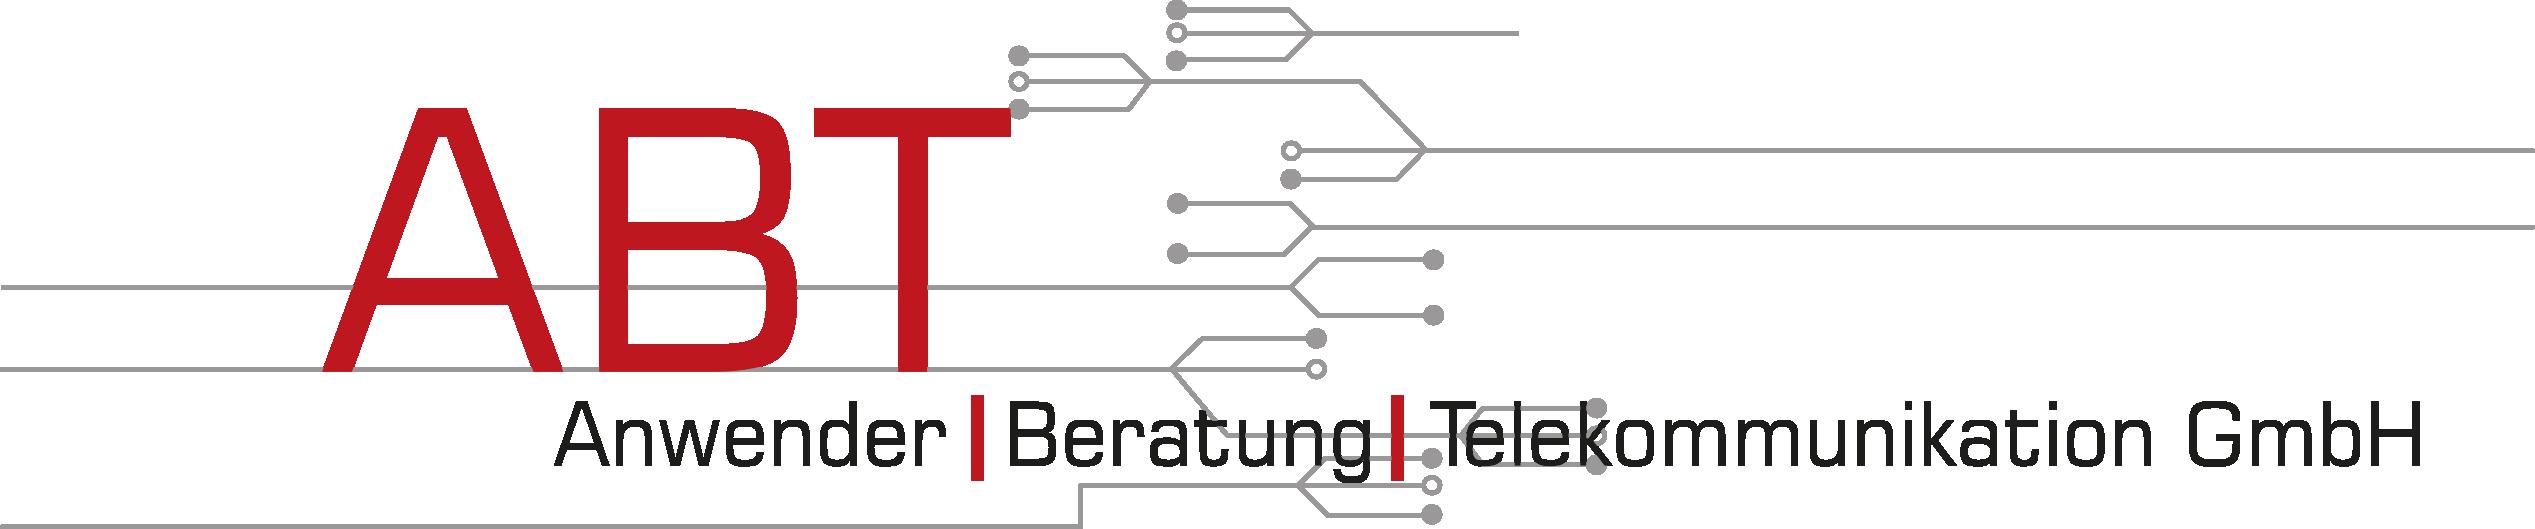 ABT Anwender Beratung Telekommunikation Logo für Mobilgeräte